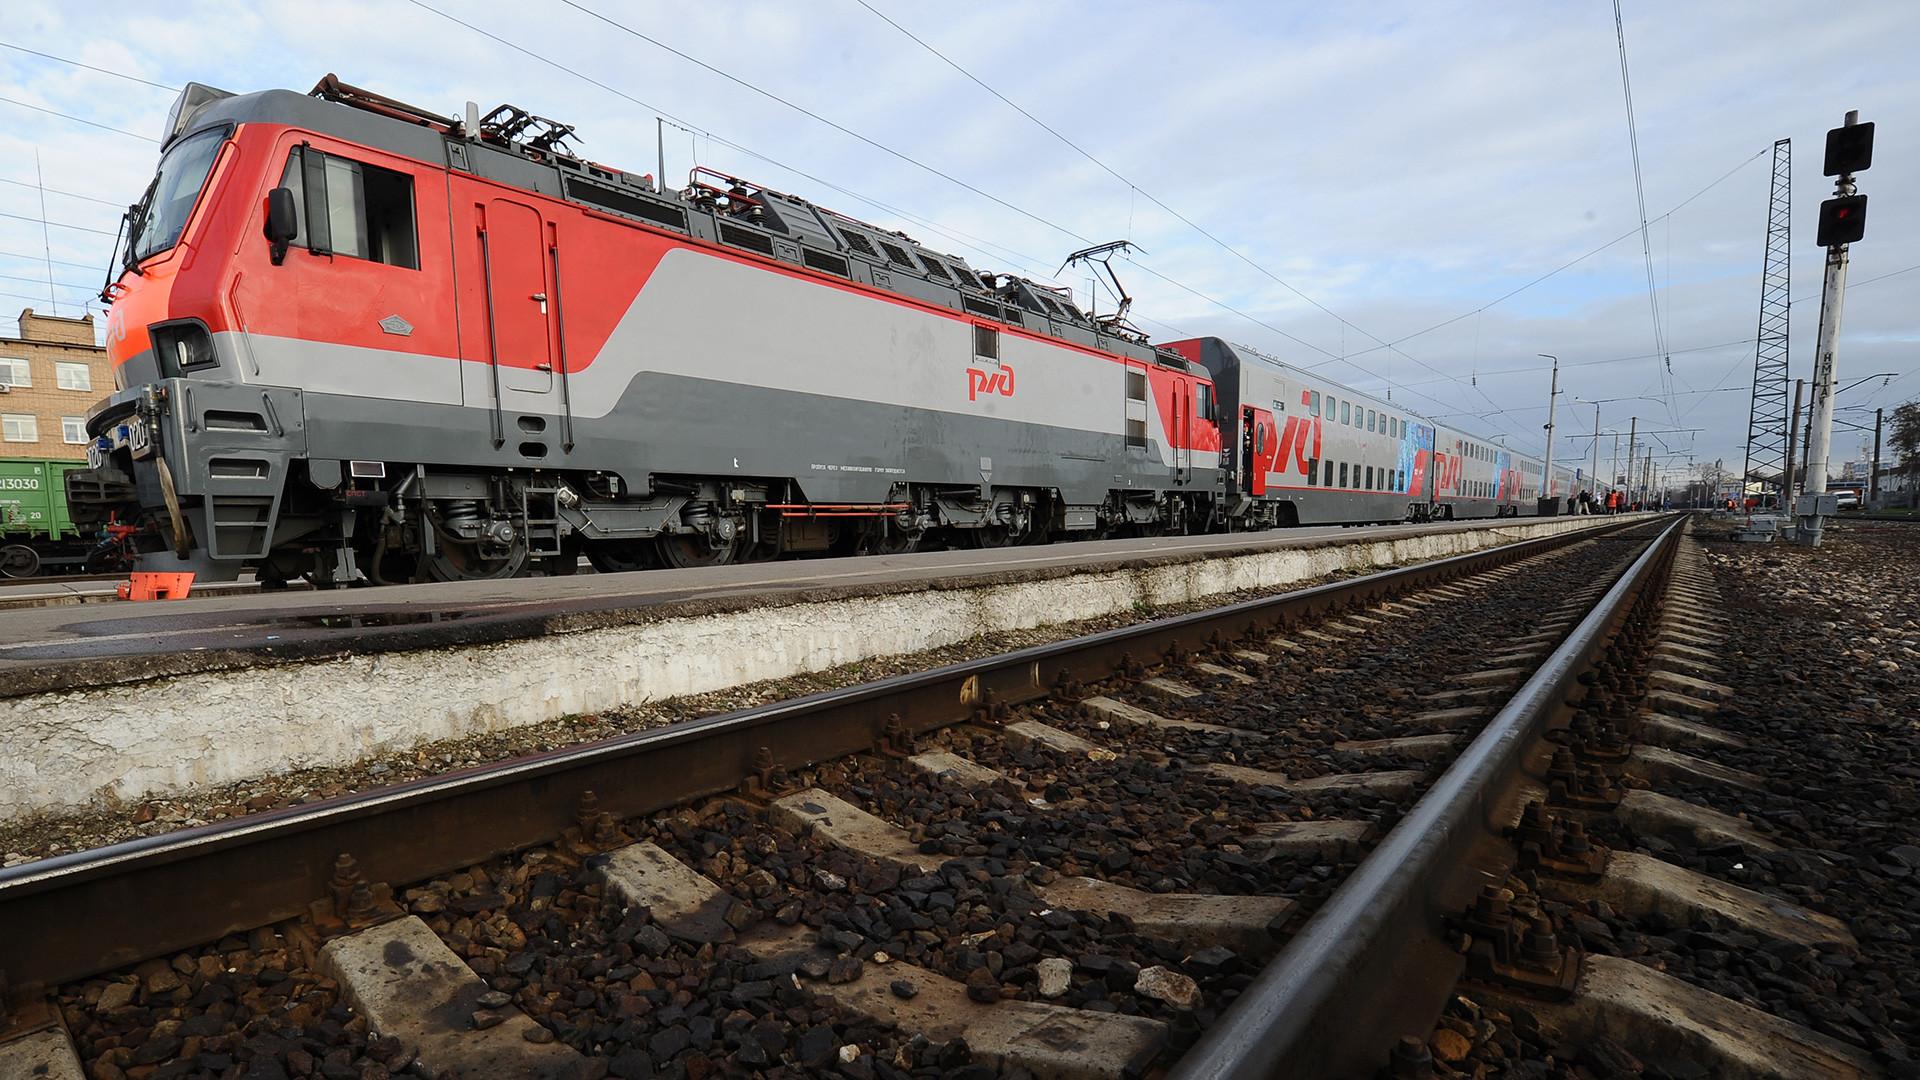 Il primo treno russo a due piani destinato al trasporto passeggeri